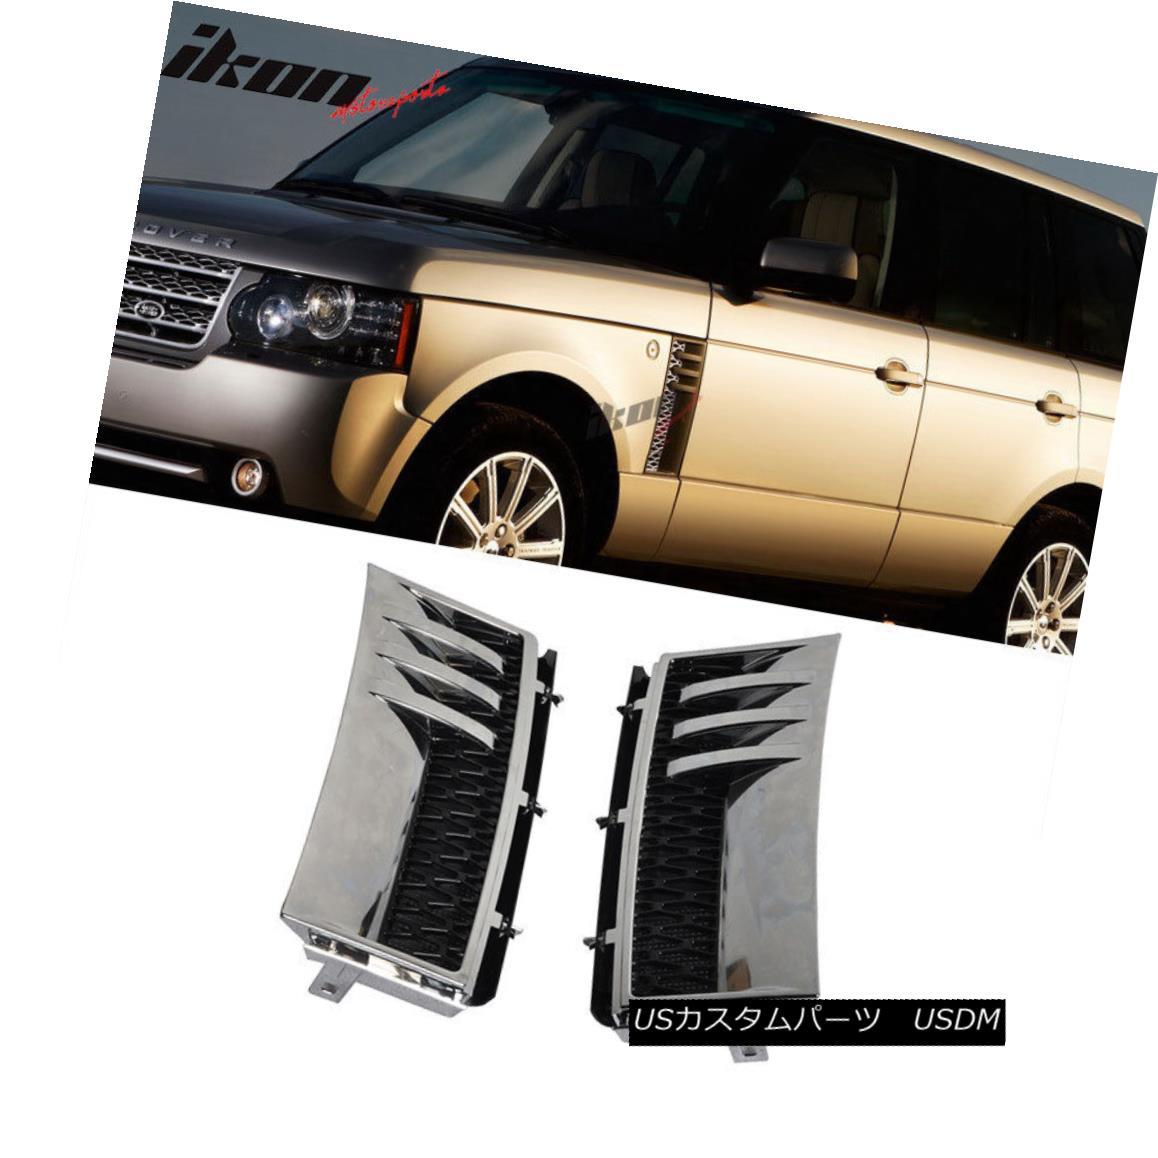 USグリル Fits 03-12 Land Rover Range Rover L322 Side Vent Chrome Silver Black フィット03-12ランドローバーレンジローバーL322サイドベントクロームシルバーブラック